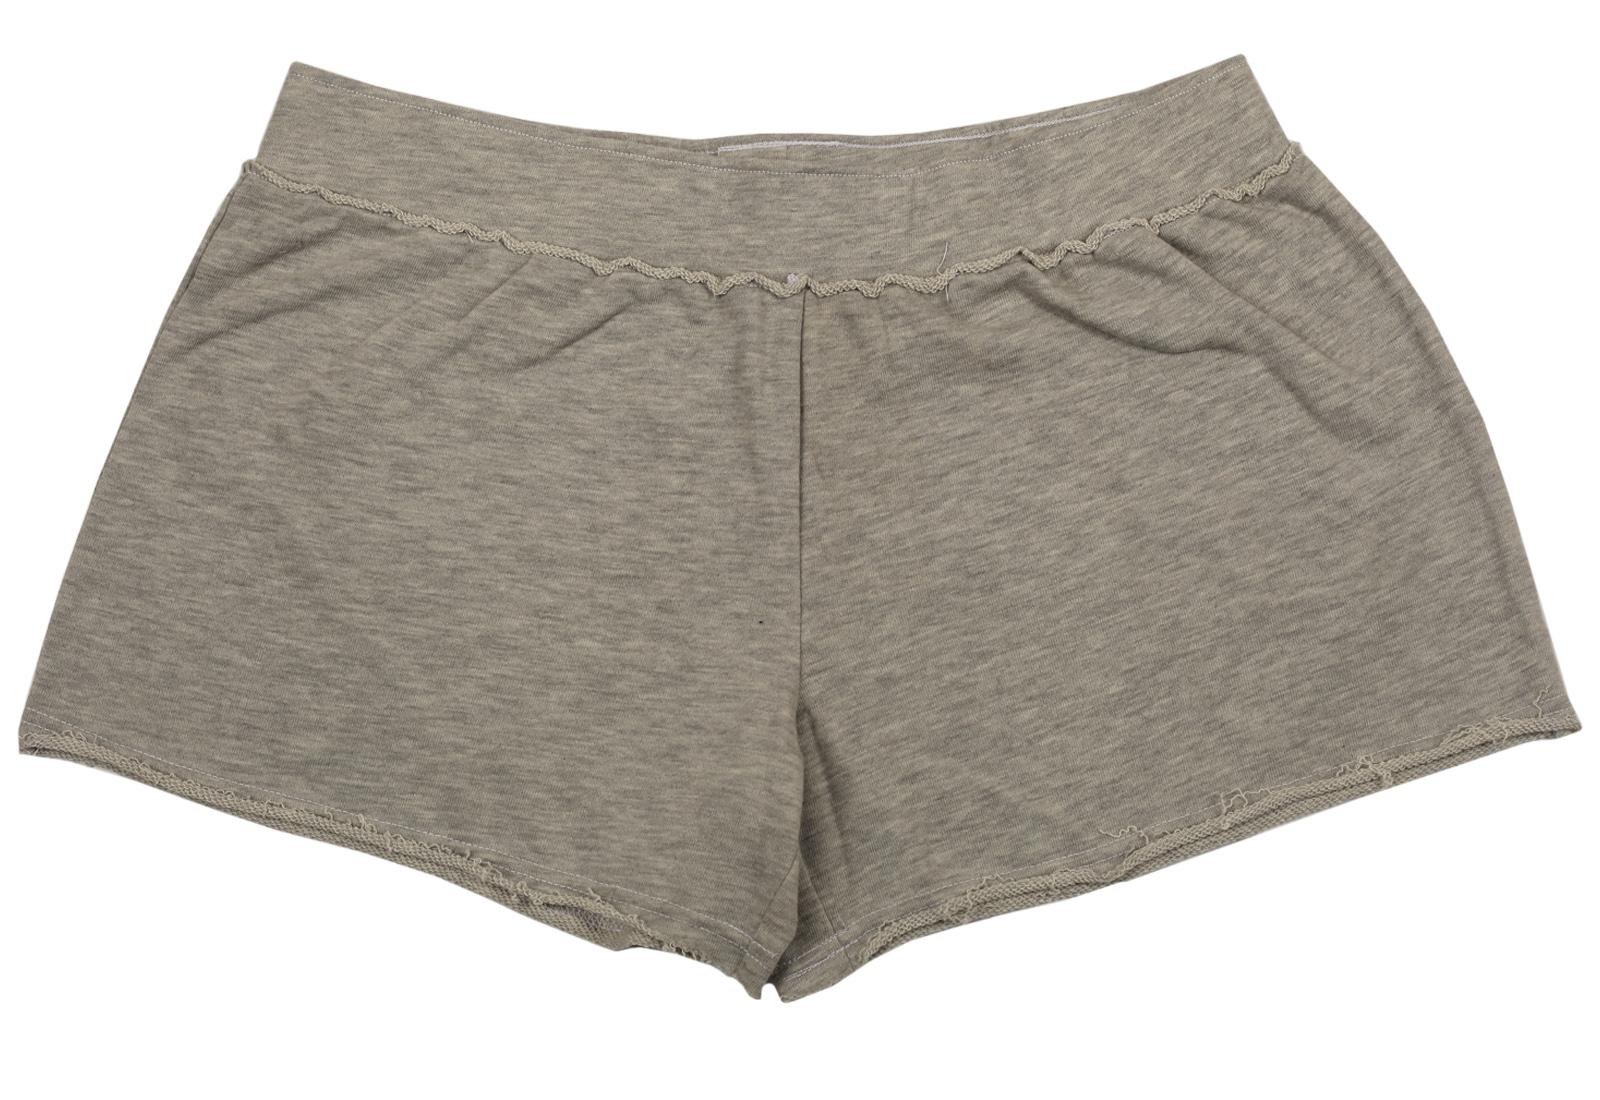 Модные серые шорты для очаровательных девушек. Стильная и практичная модель